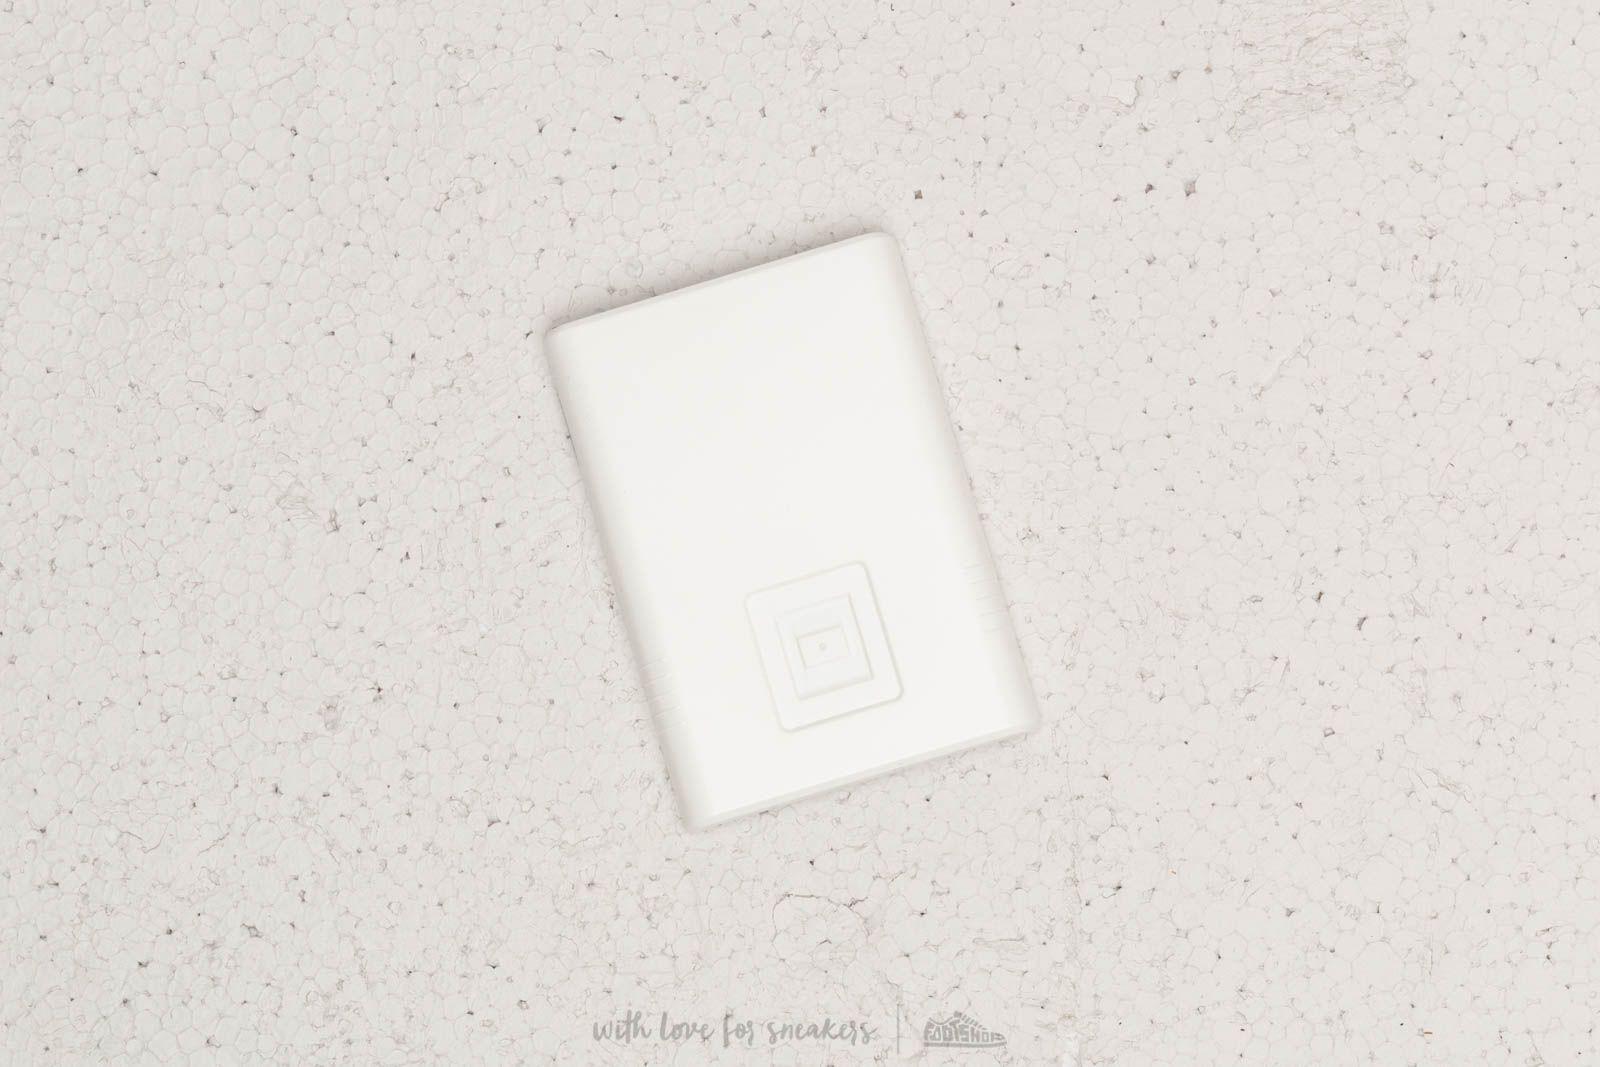 Secrid Additional Slide White za skvělou cenu 390 Kč koupíte na Footshop.cz